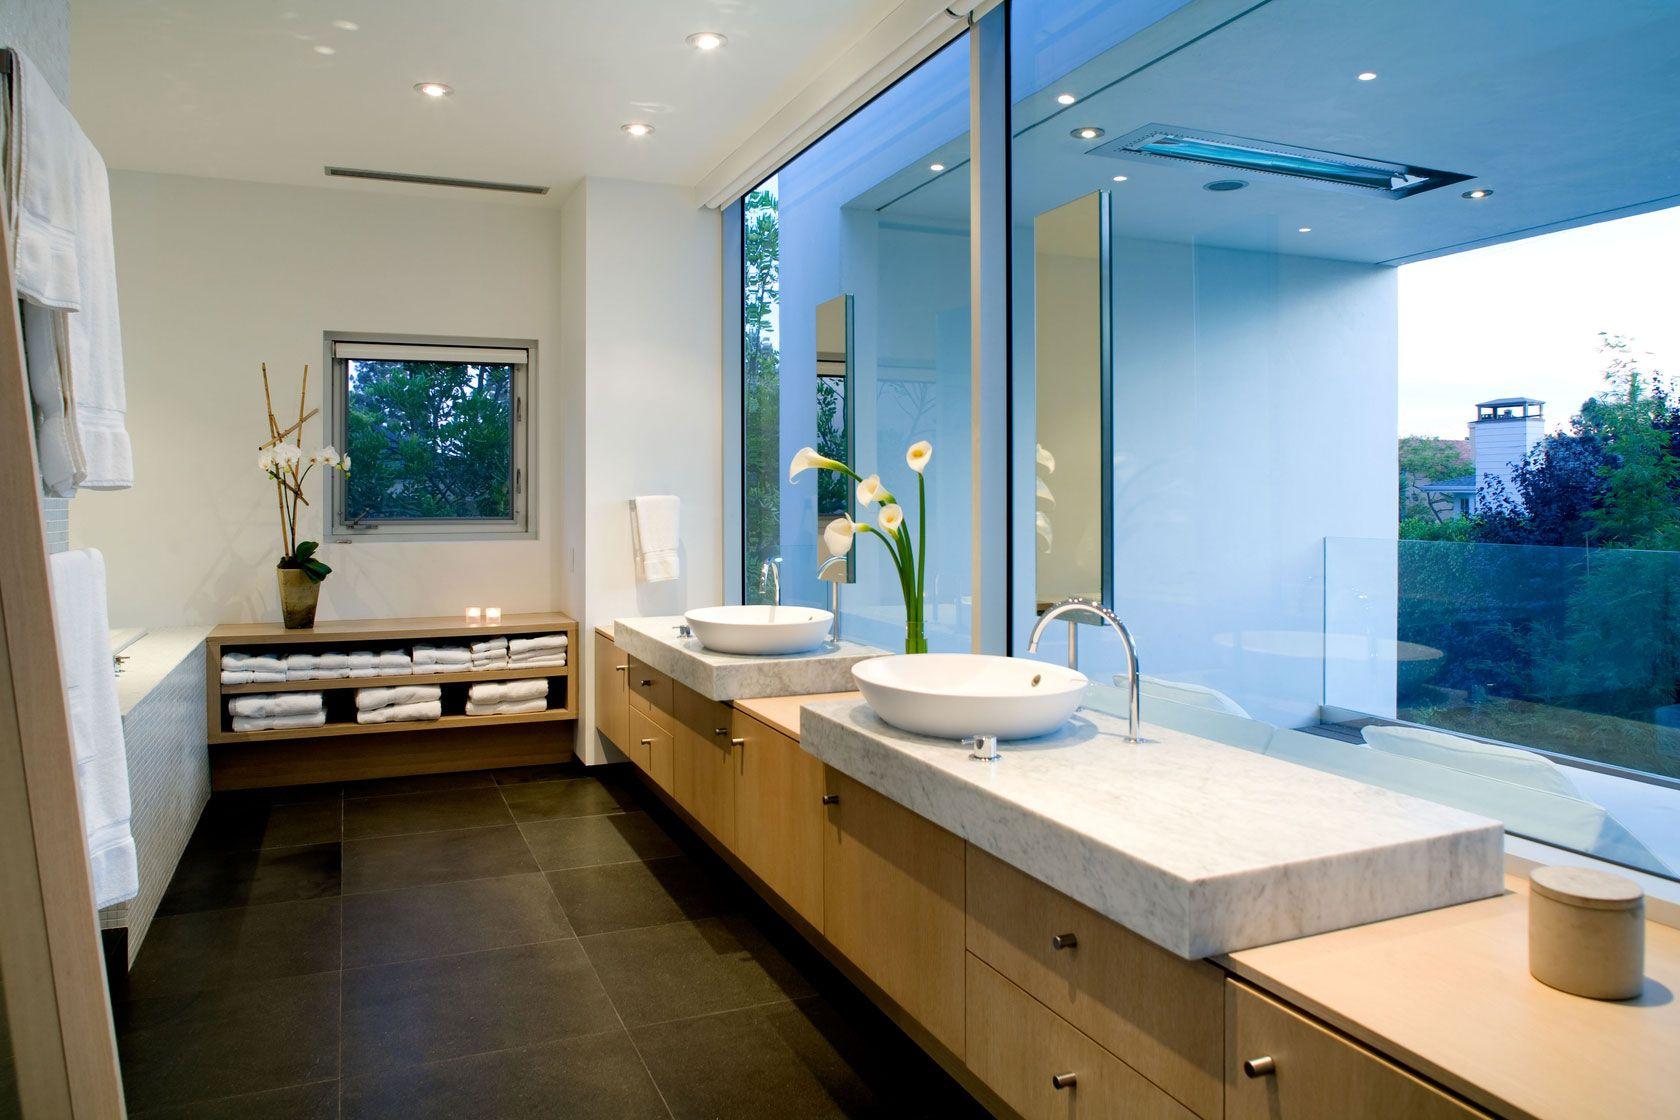 Pisos Para Baño Easy:Diseño de moderna casa de dos pisos más planos, fotos de fachadas y